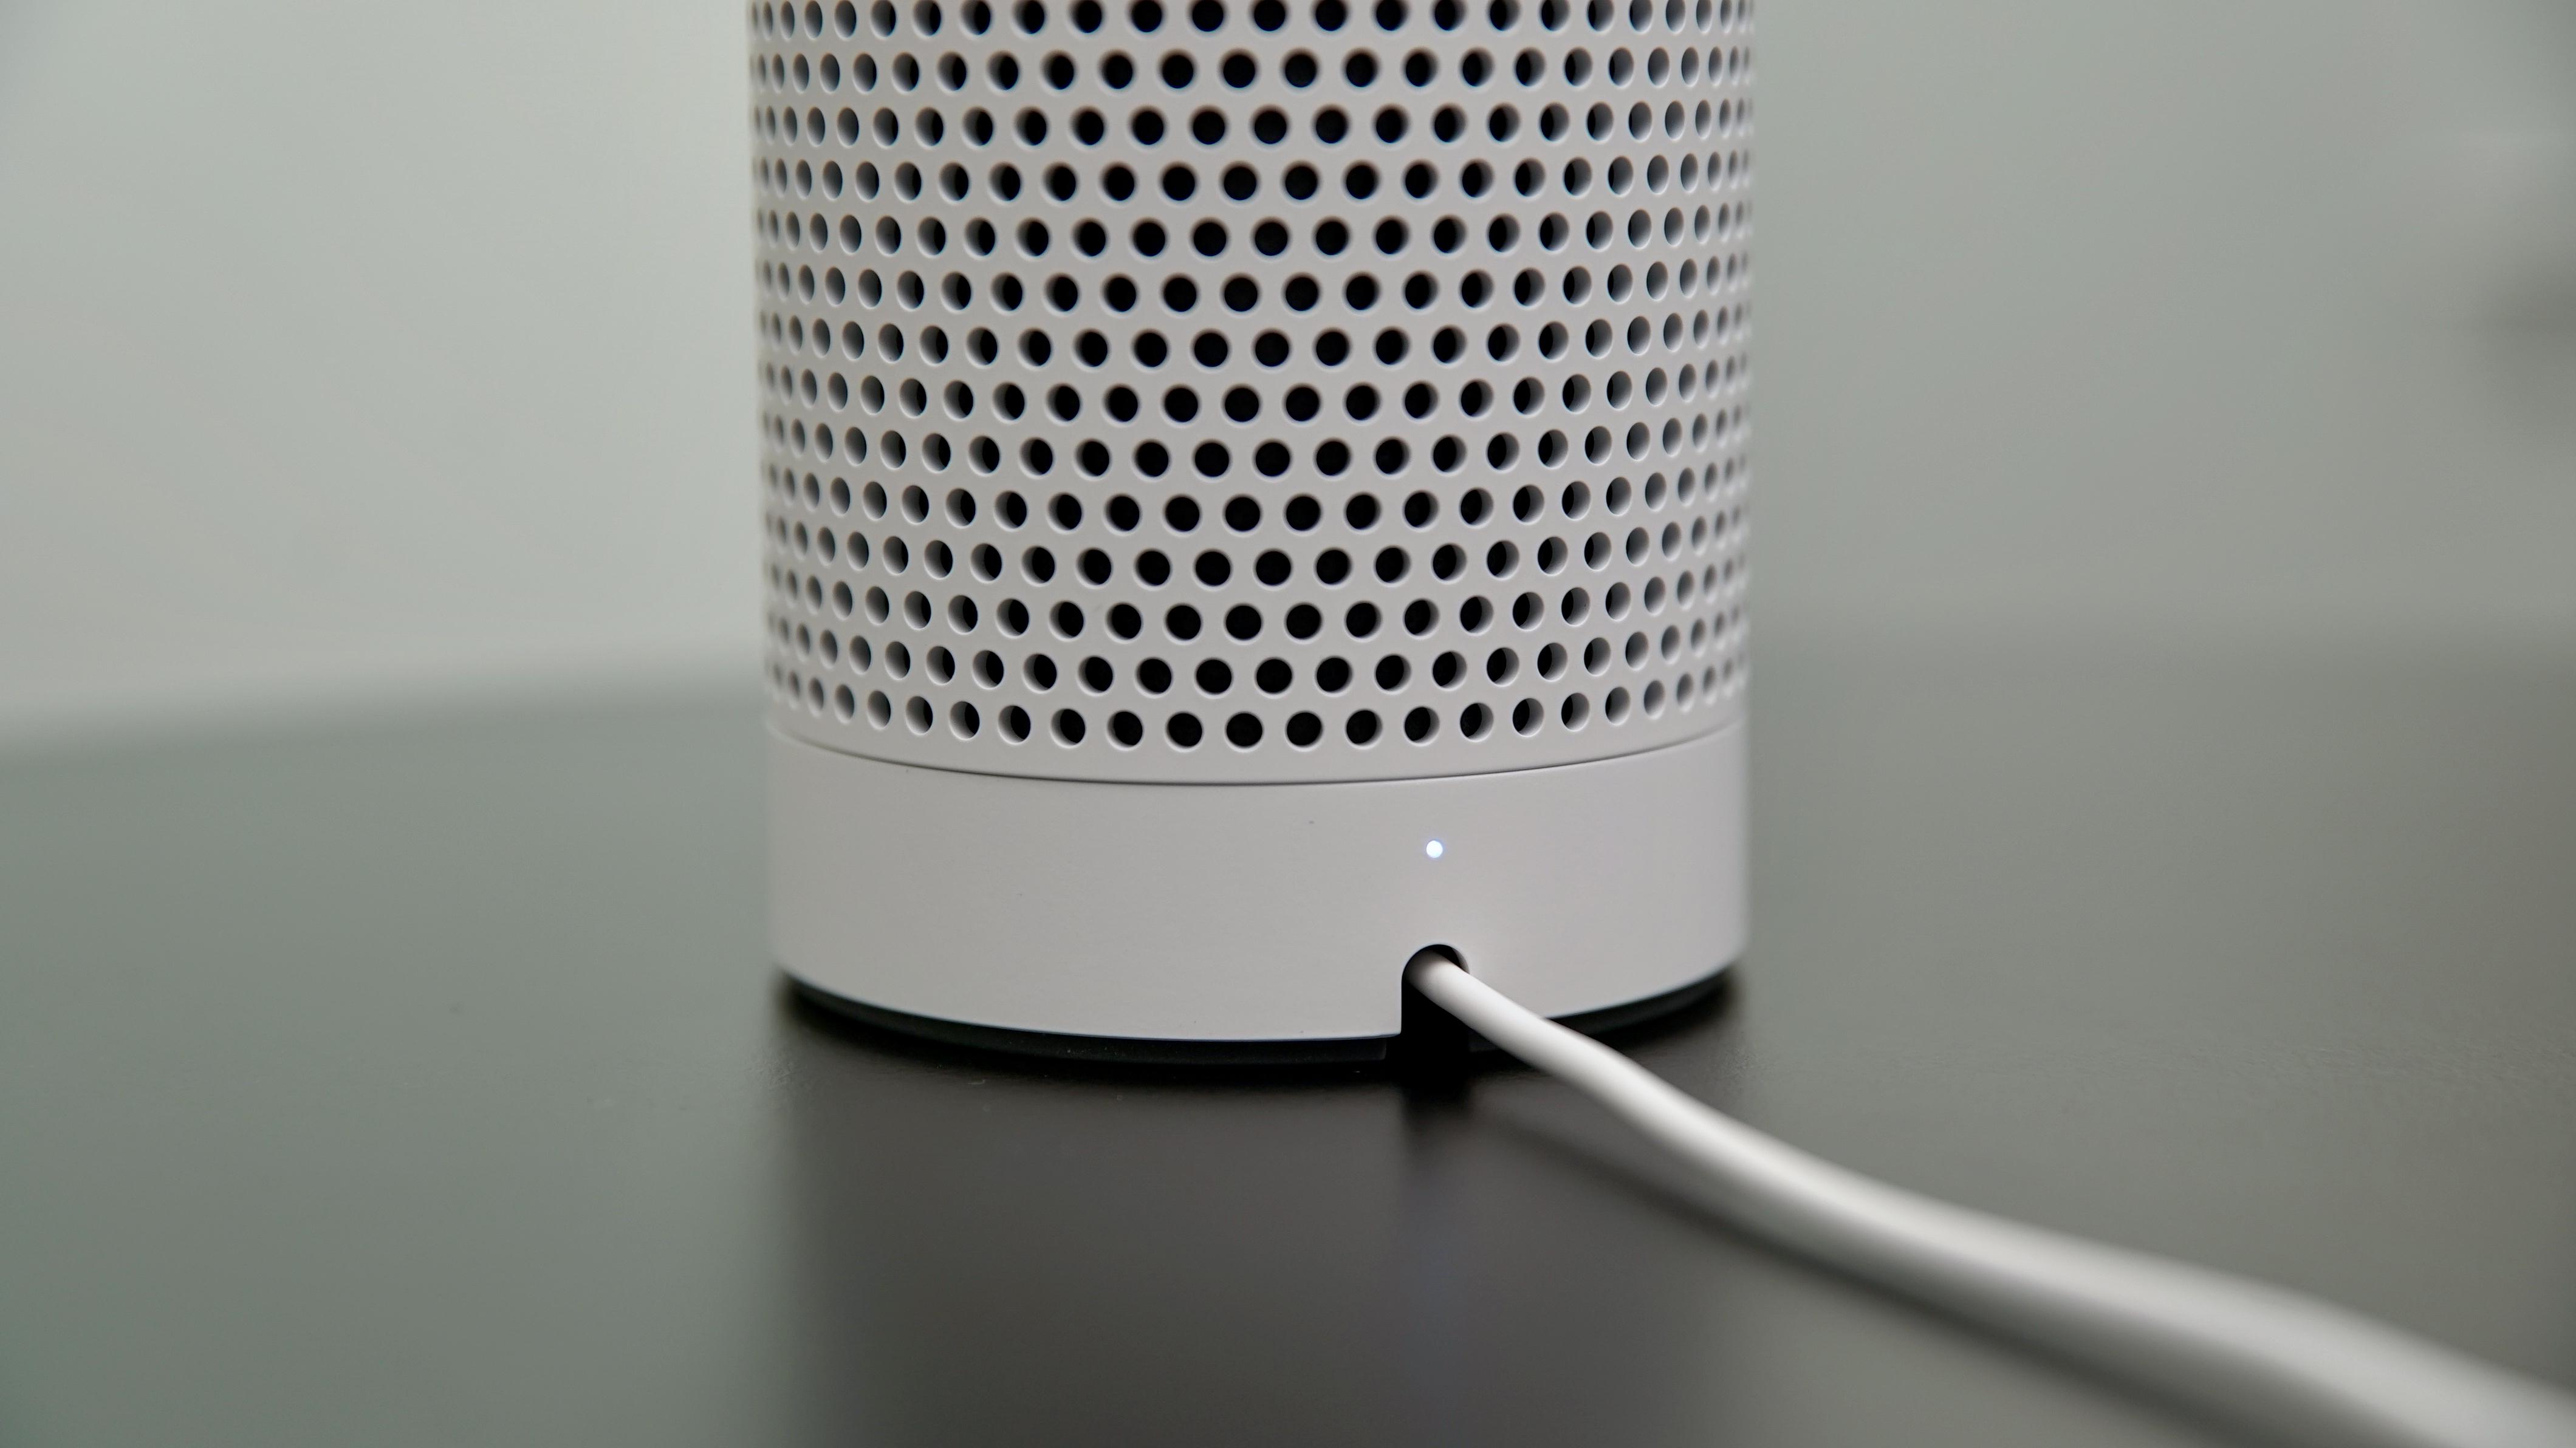 Amazon Echo geht nicht, reagiert nicht mehr: Lösungen und Tipps – GIGA